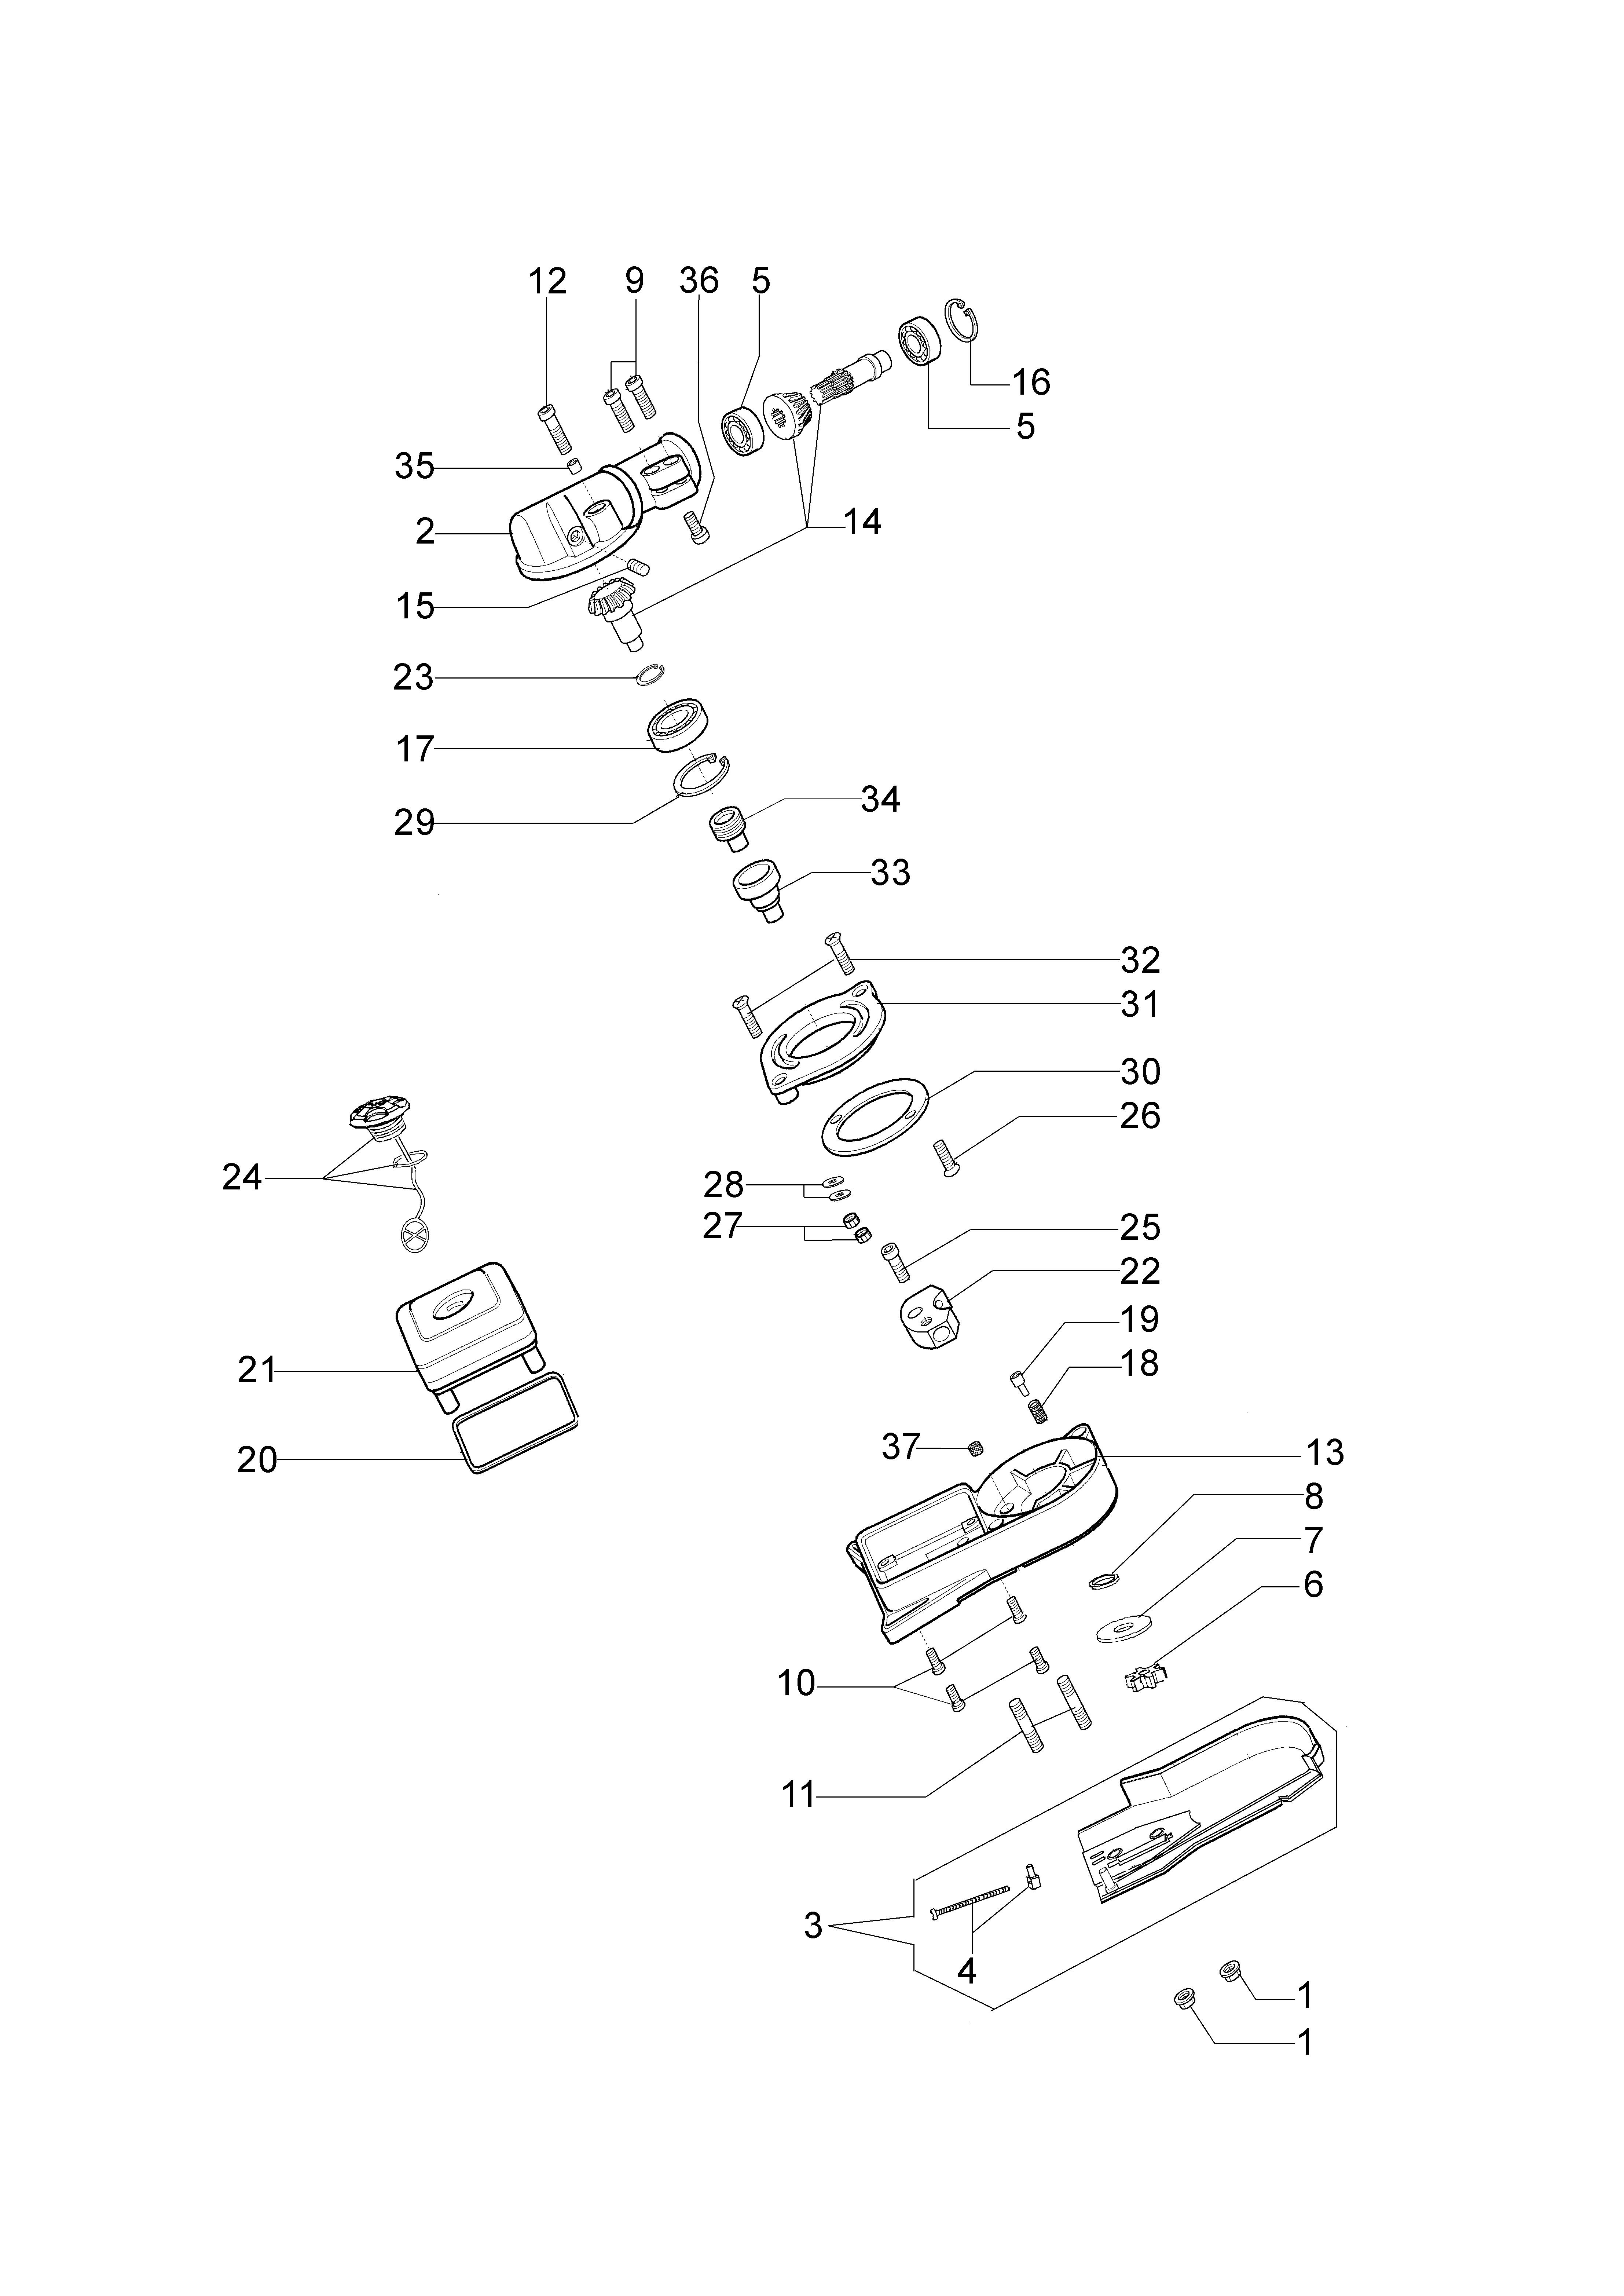 PPX 270 Elagueuses sur perche oleomac Dessins pièces vue éclatée Accessoire pruner (tête de coupe)